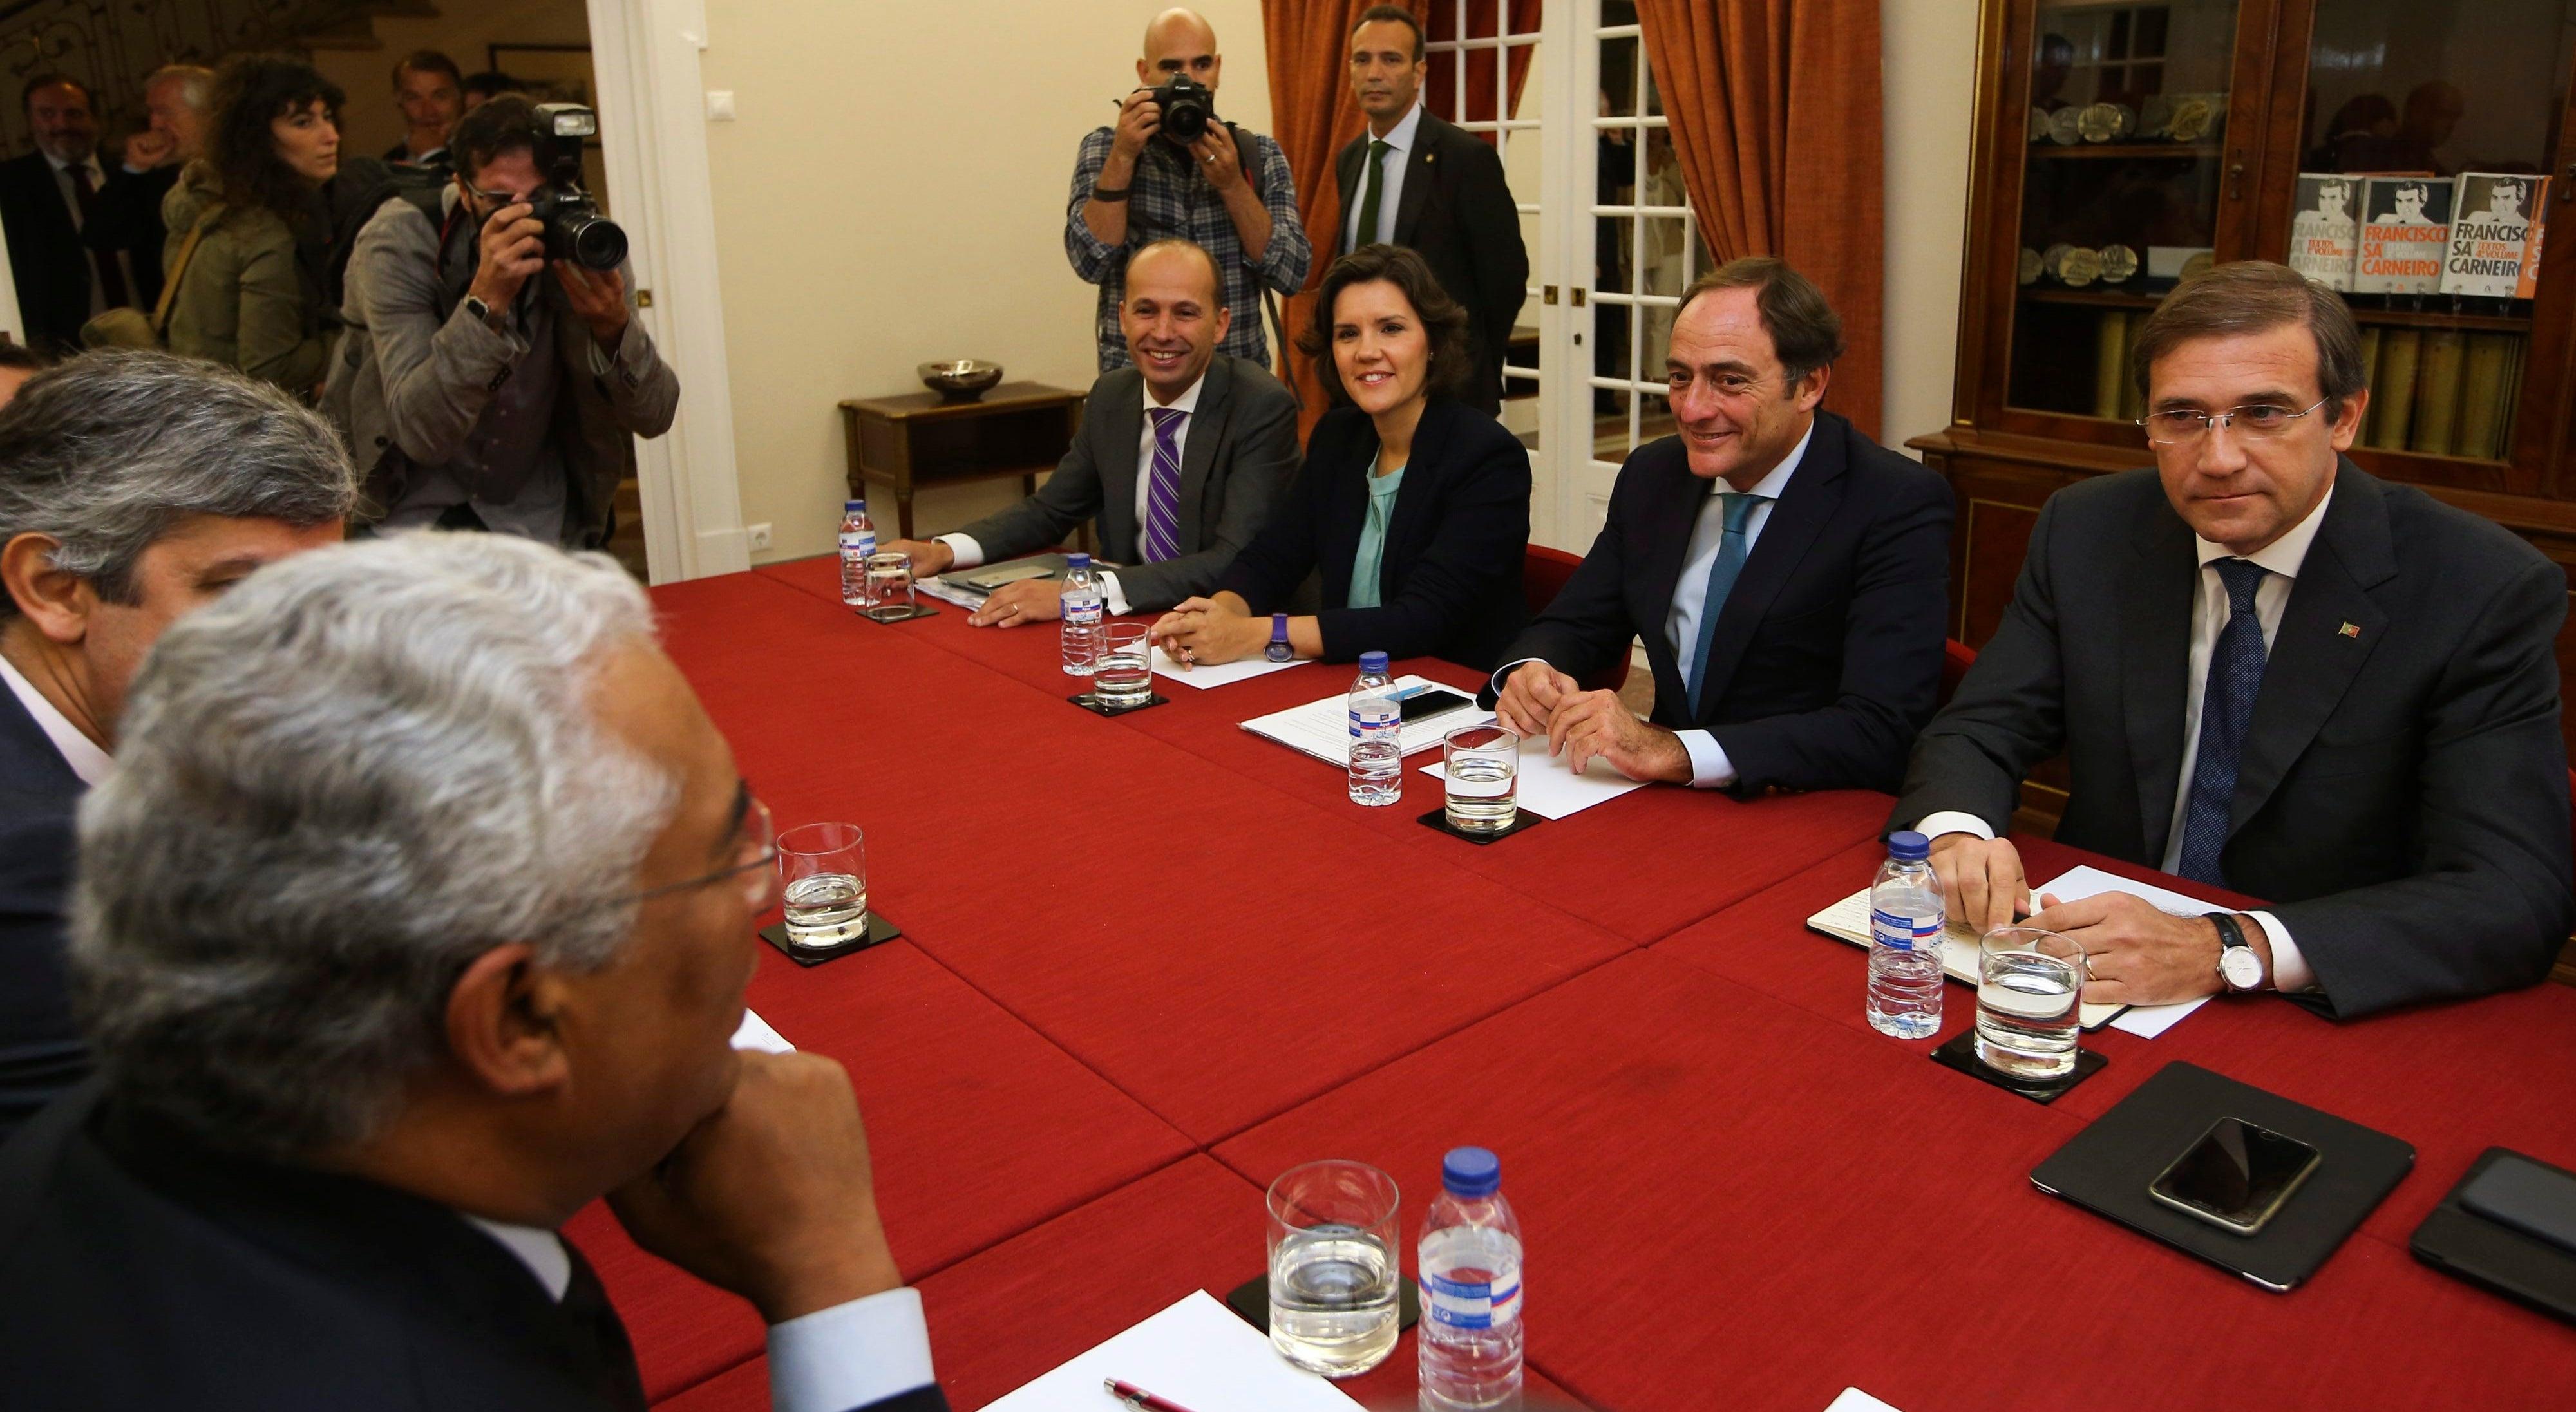 Contactos � esquerda levam S�rgio Sousa Pinto a deixar secretariado nacional do PS